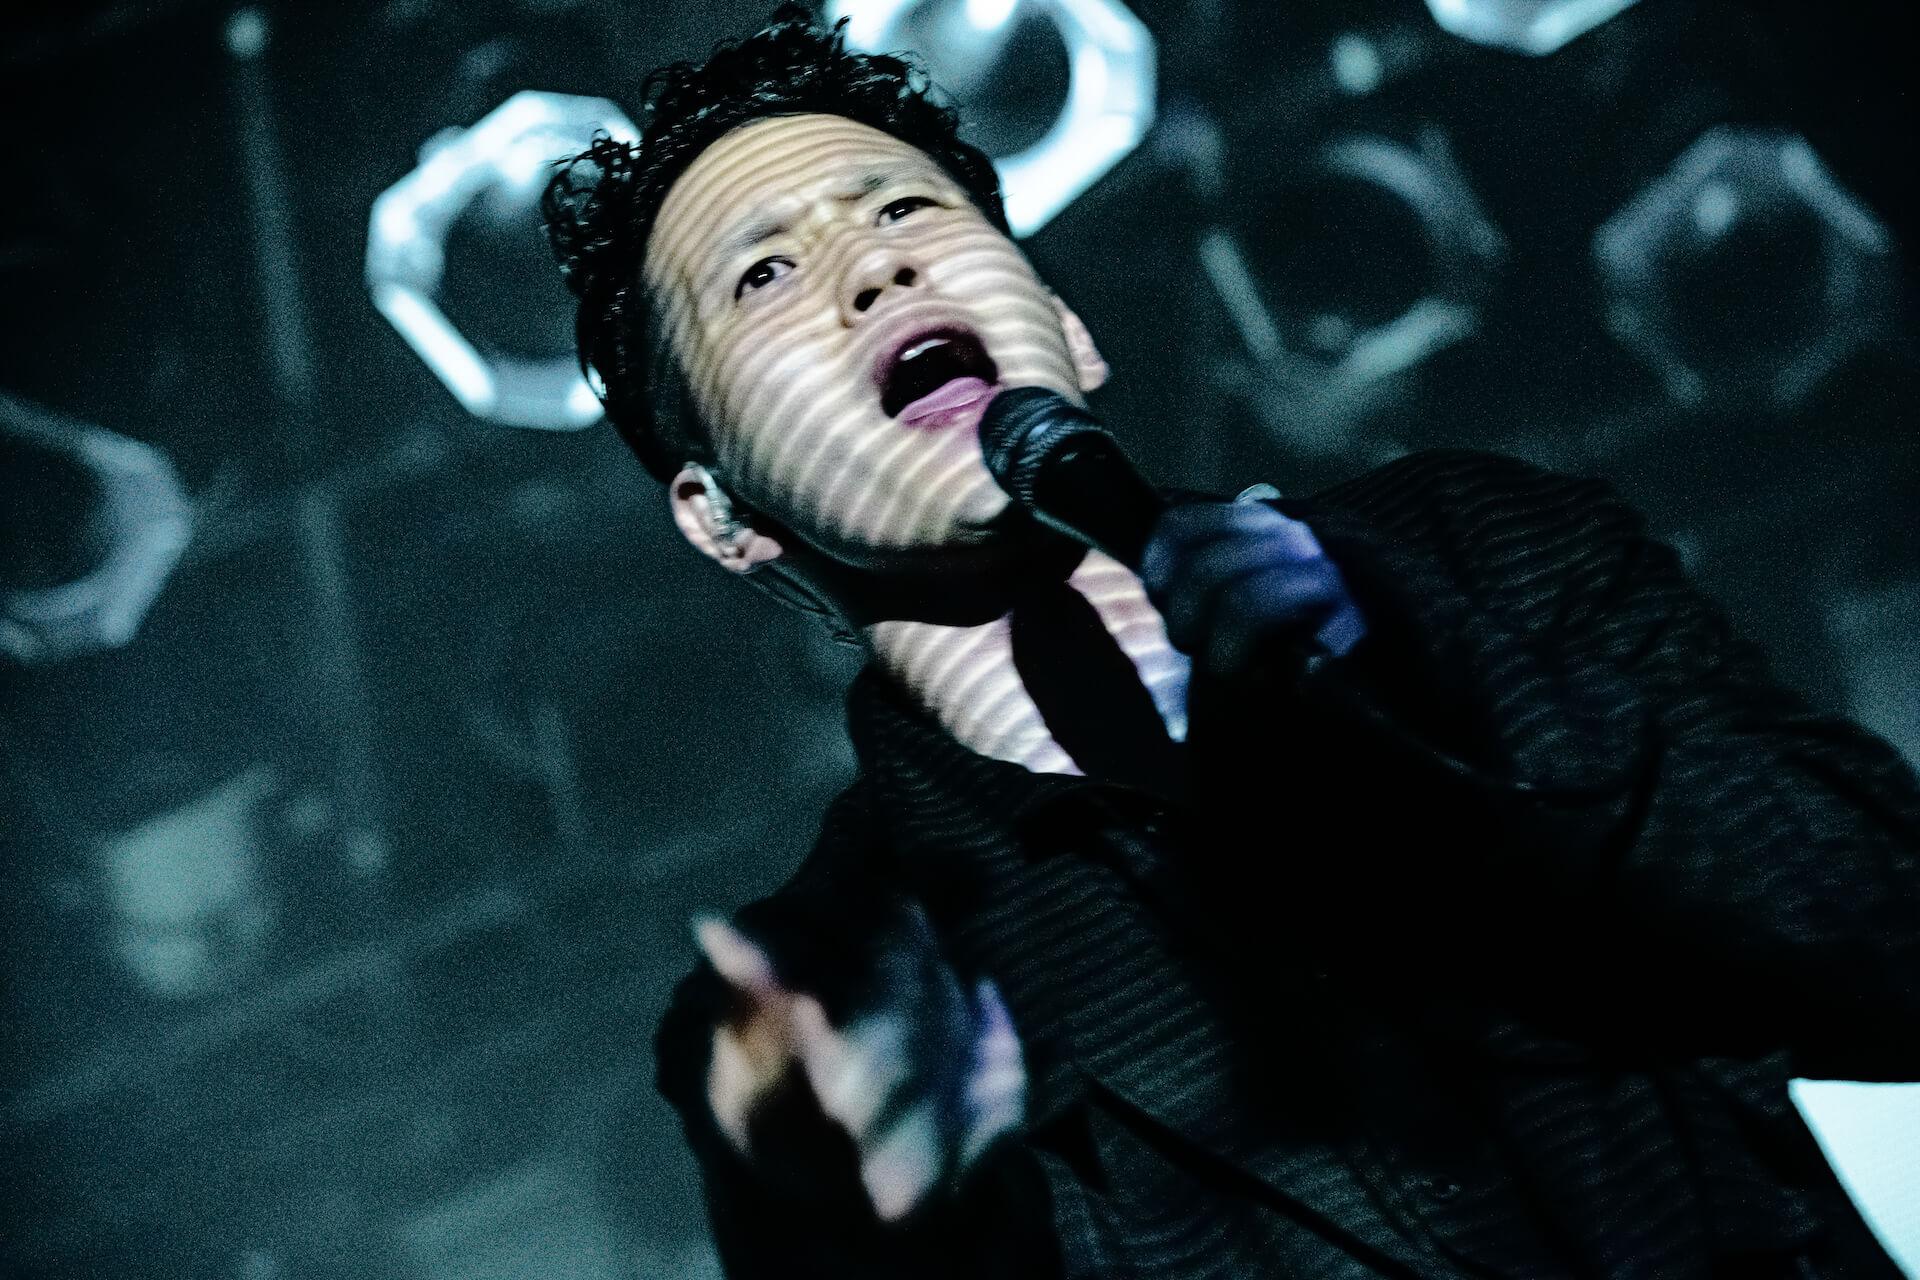 """yahyelライブレポート:300名の""""メンバー""""と共有したカタルシス music200901_yahyel_11"""